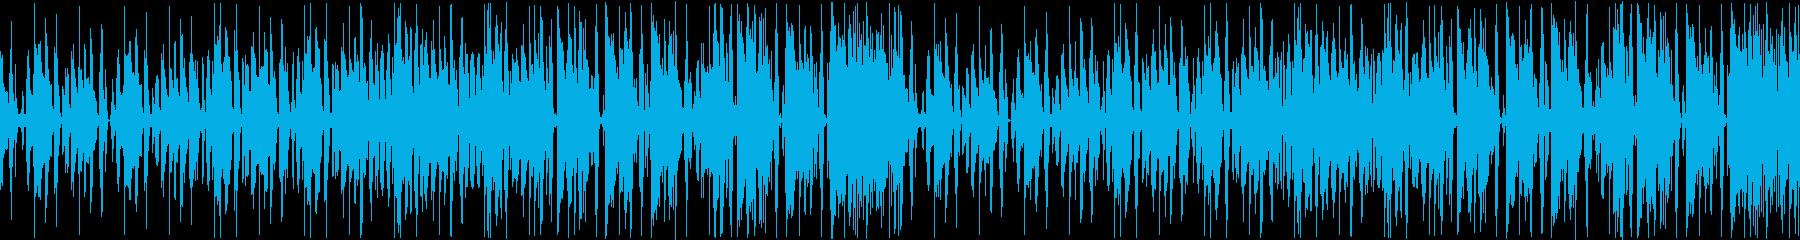 【YouTube】けだるげな日常・レゲエの再生済みの波形